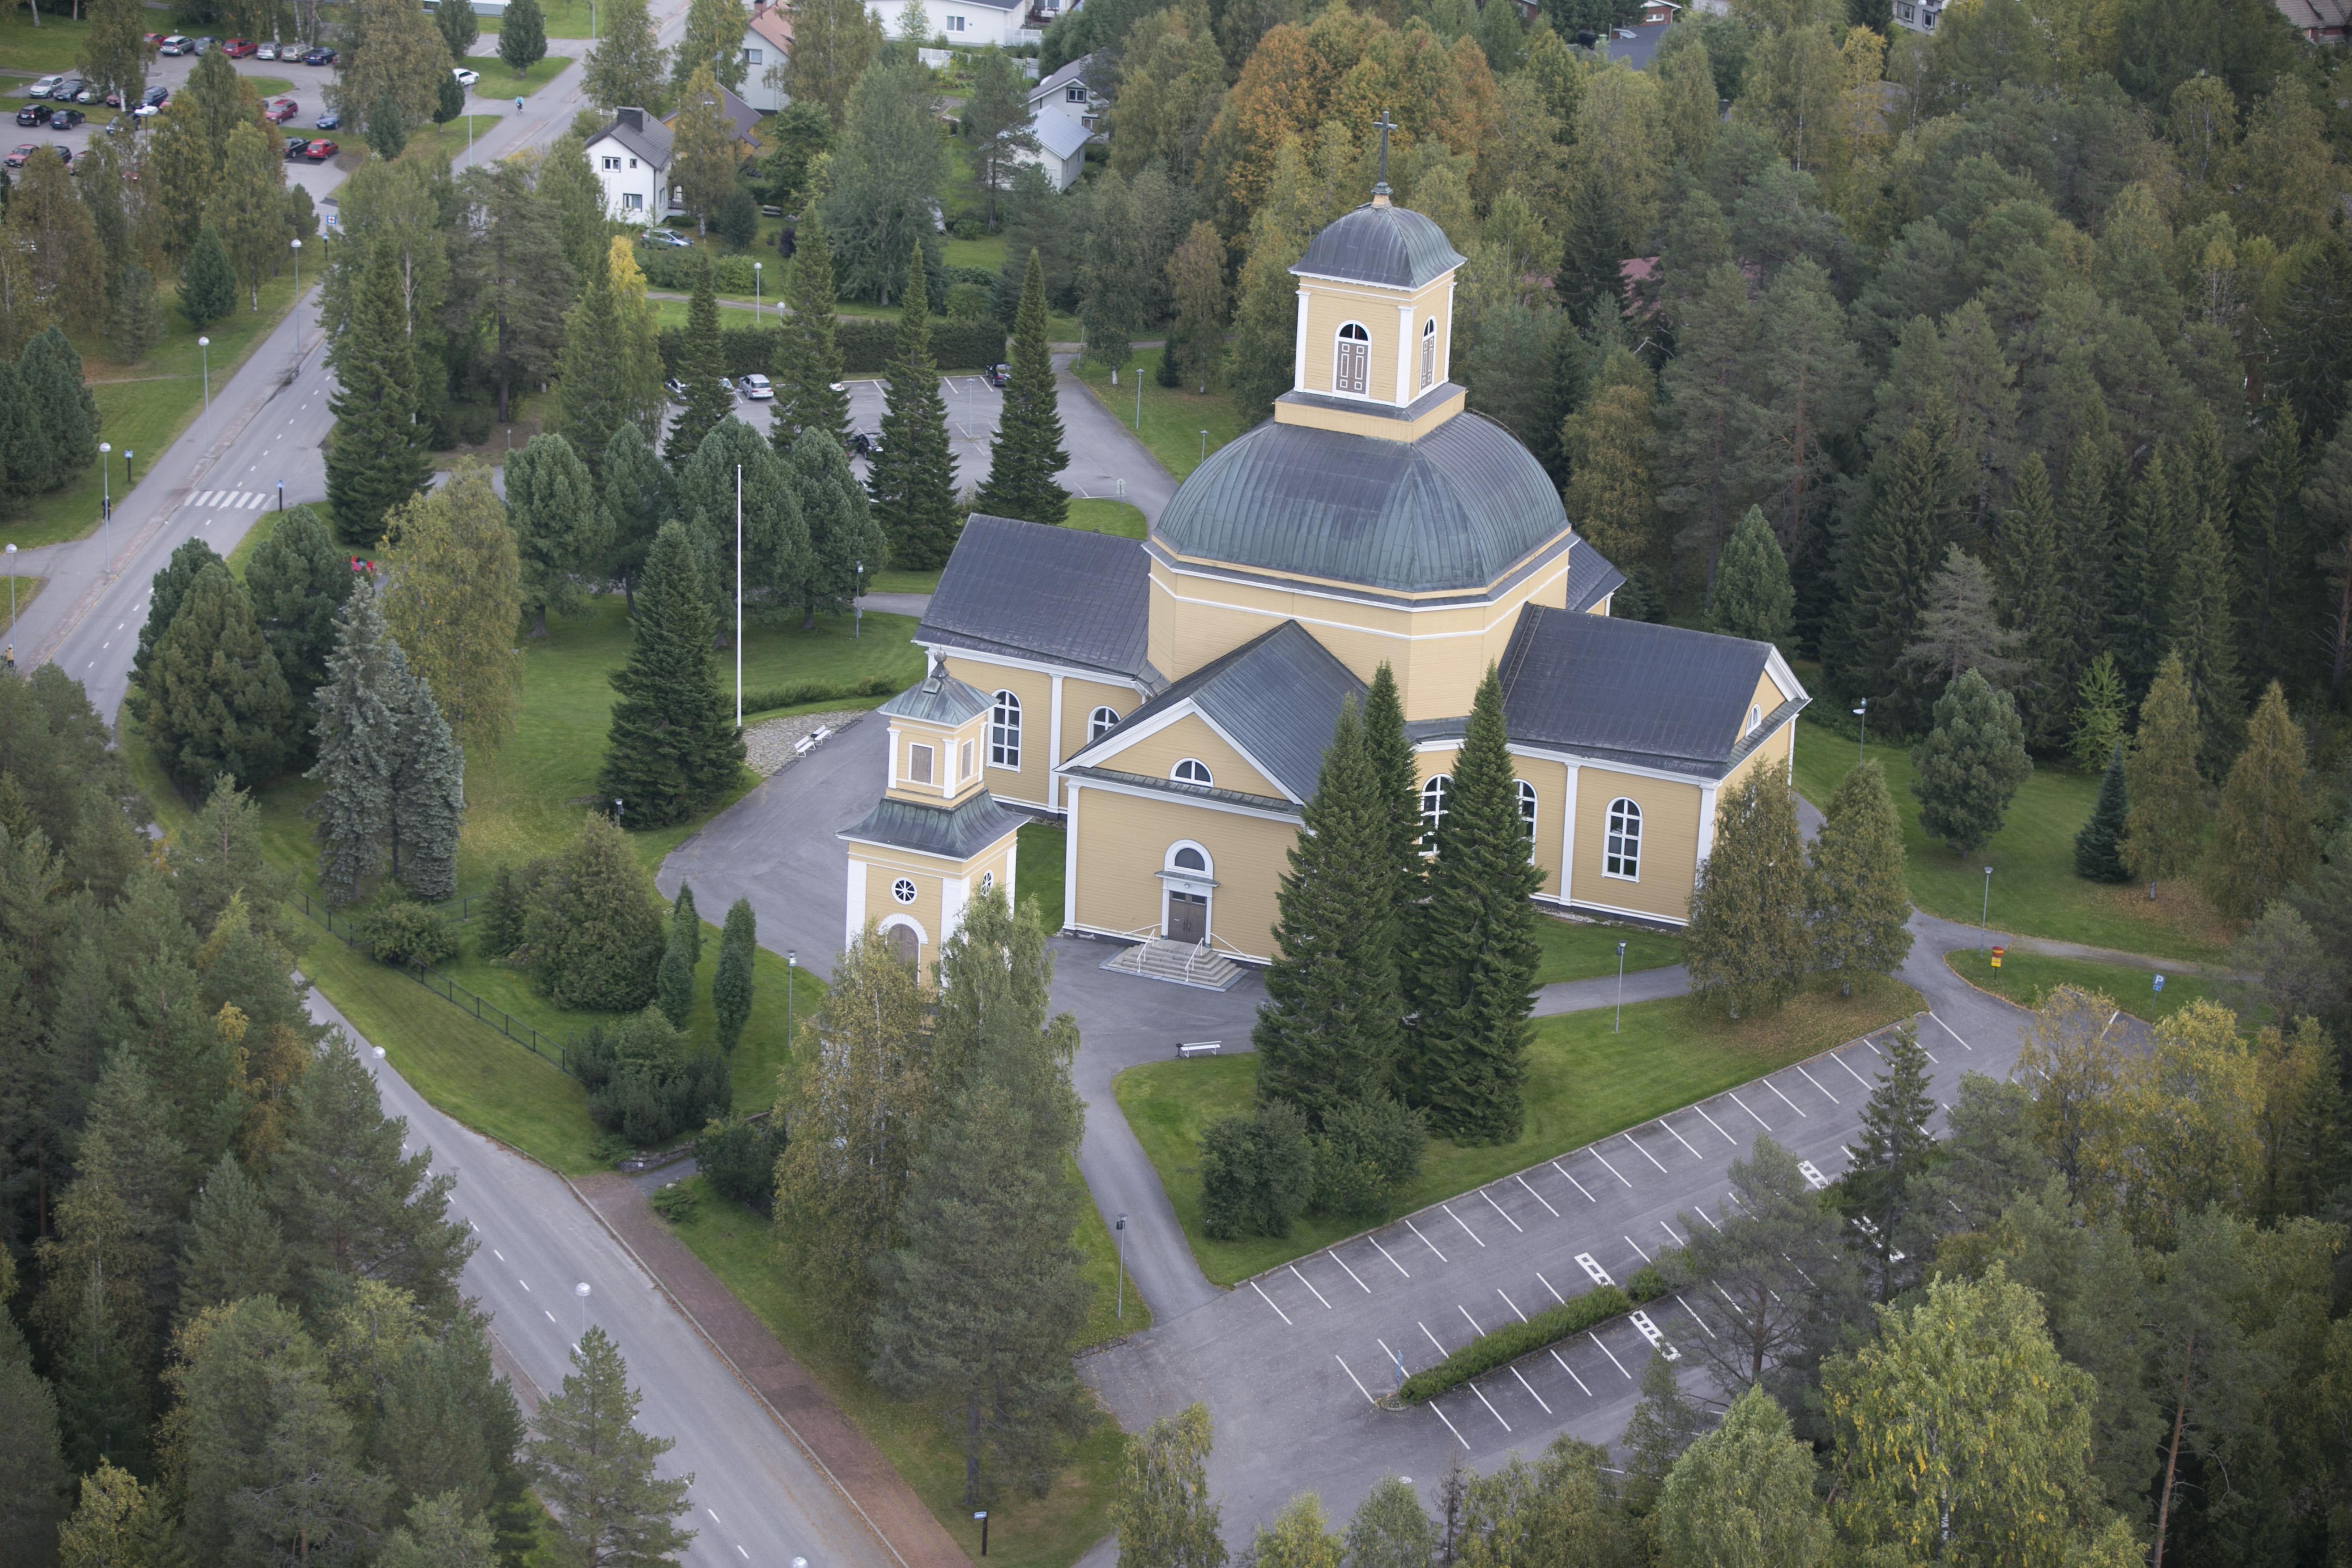 Kuhmon kirkko